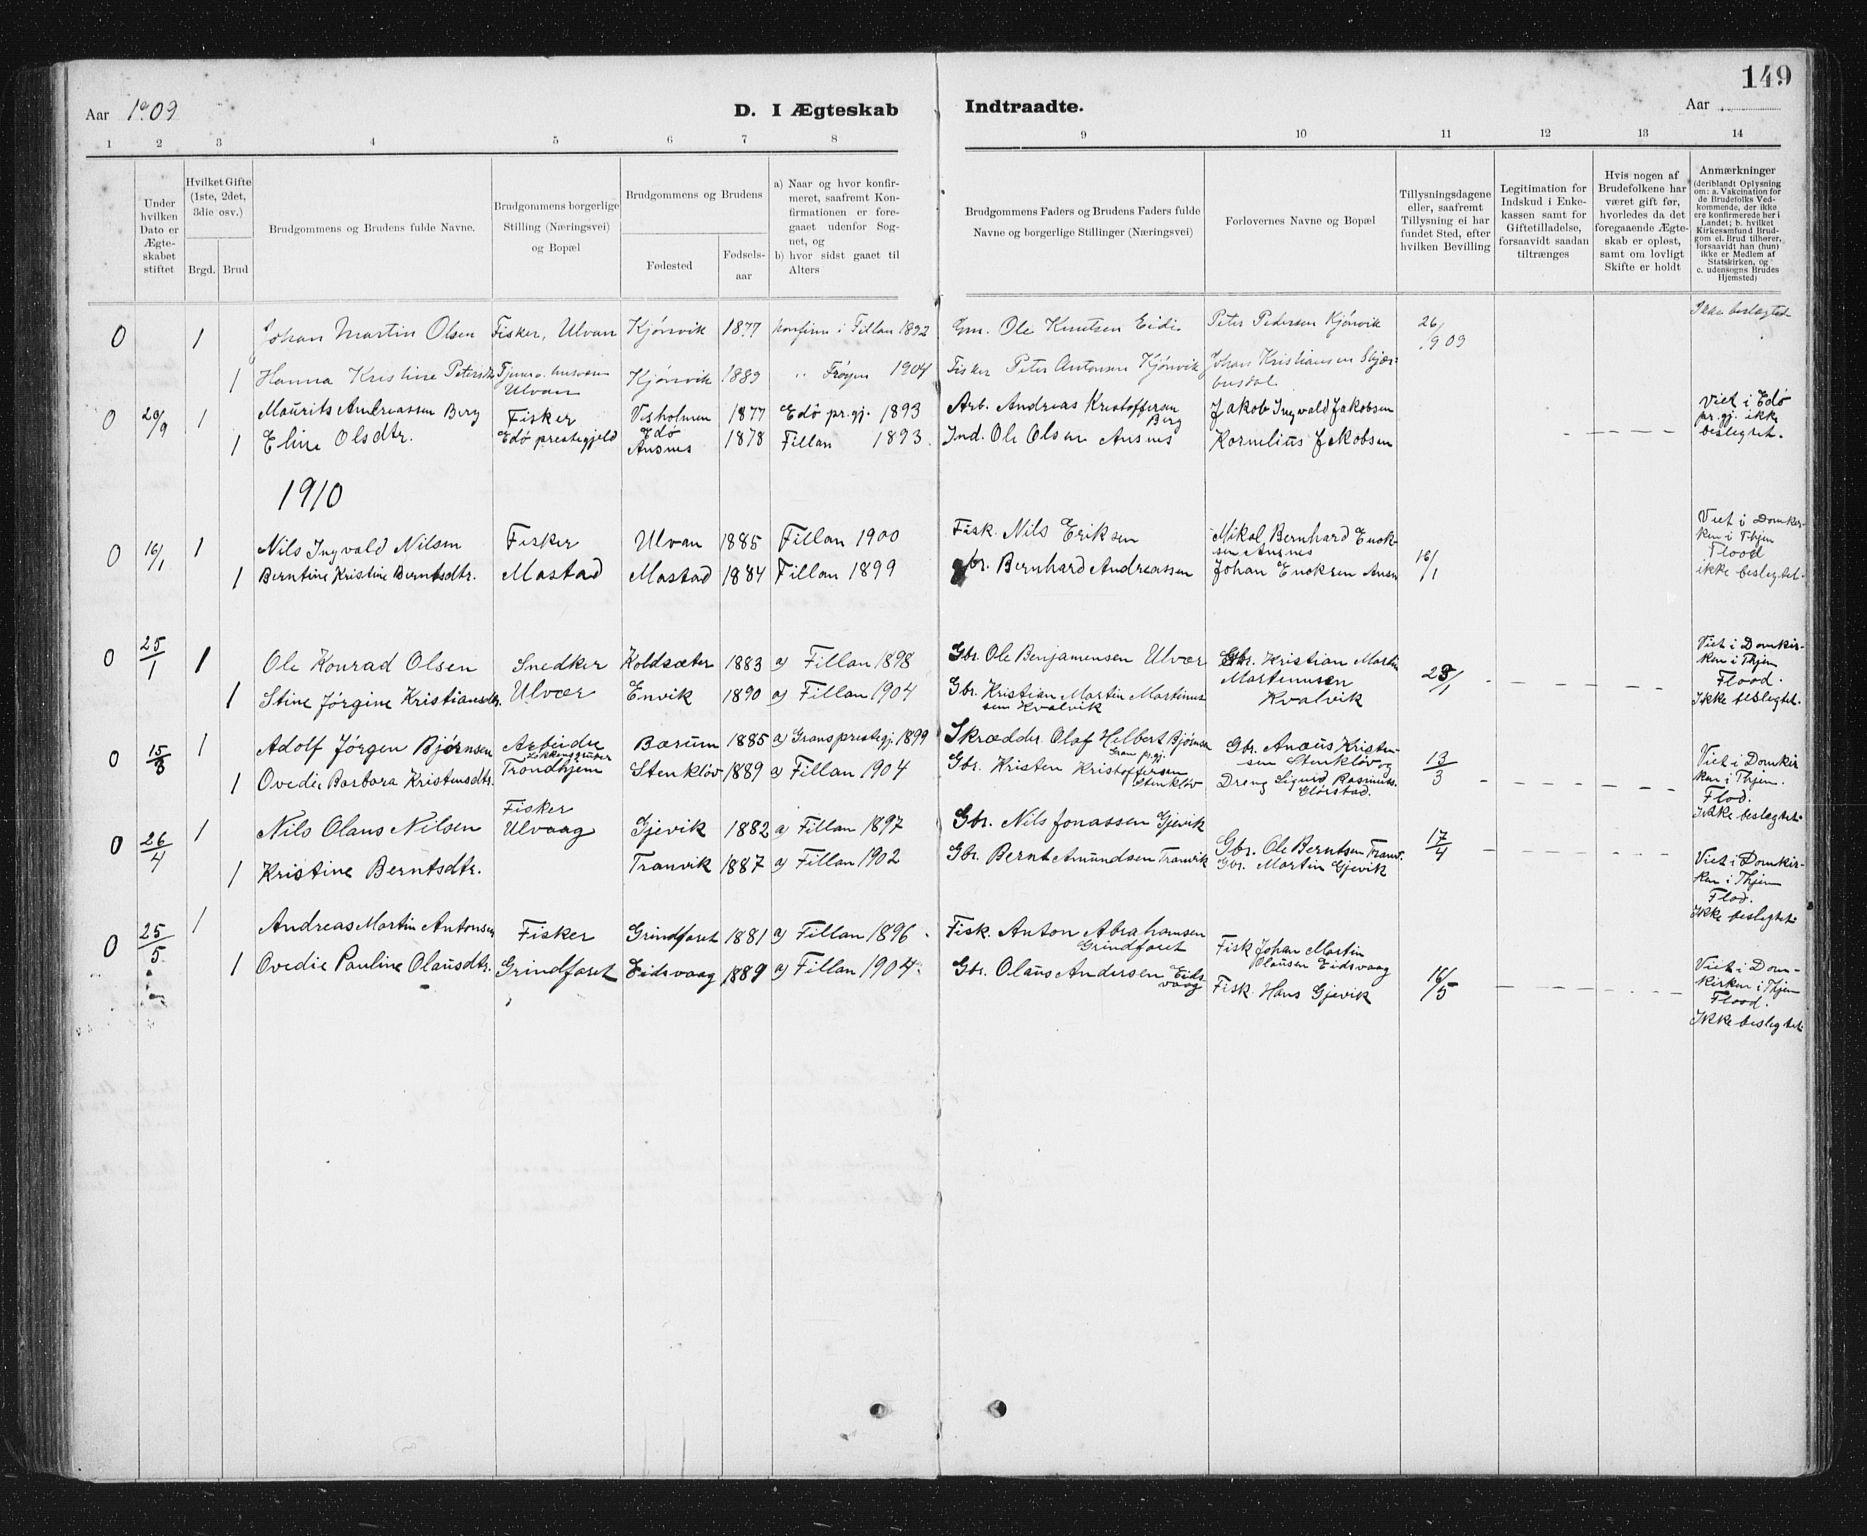 SAT, Ministerialprotokoller, klokkerbøker og fødselsregistre - Sør-Trøndelag, 637/L0563: Klokkerbok nr. 637C04, 1899-1940, s. 149